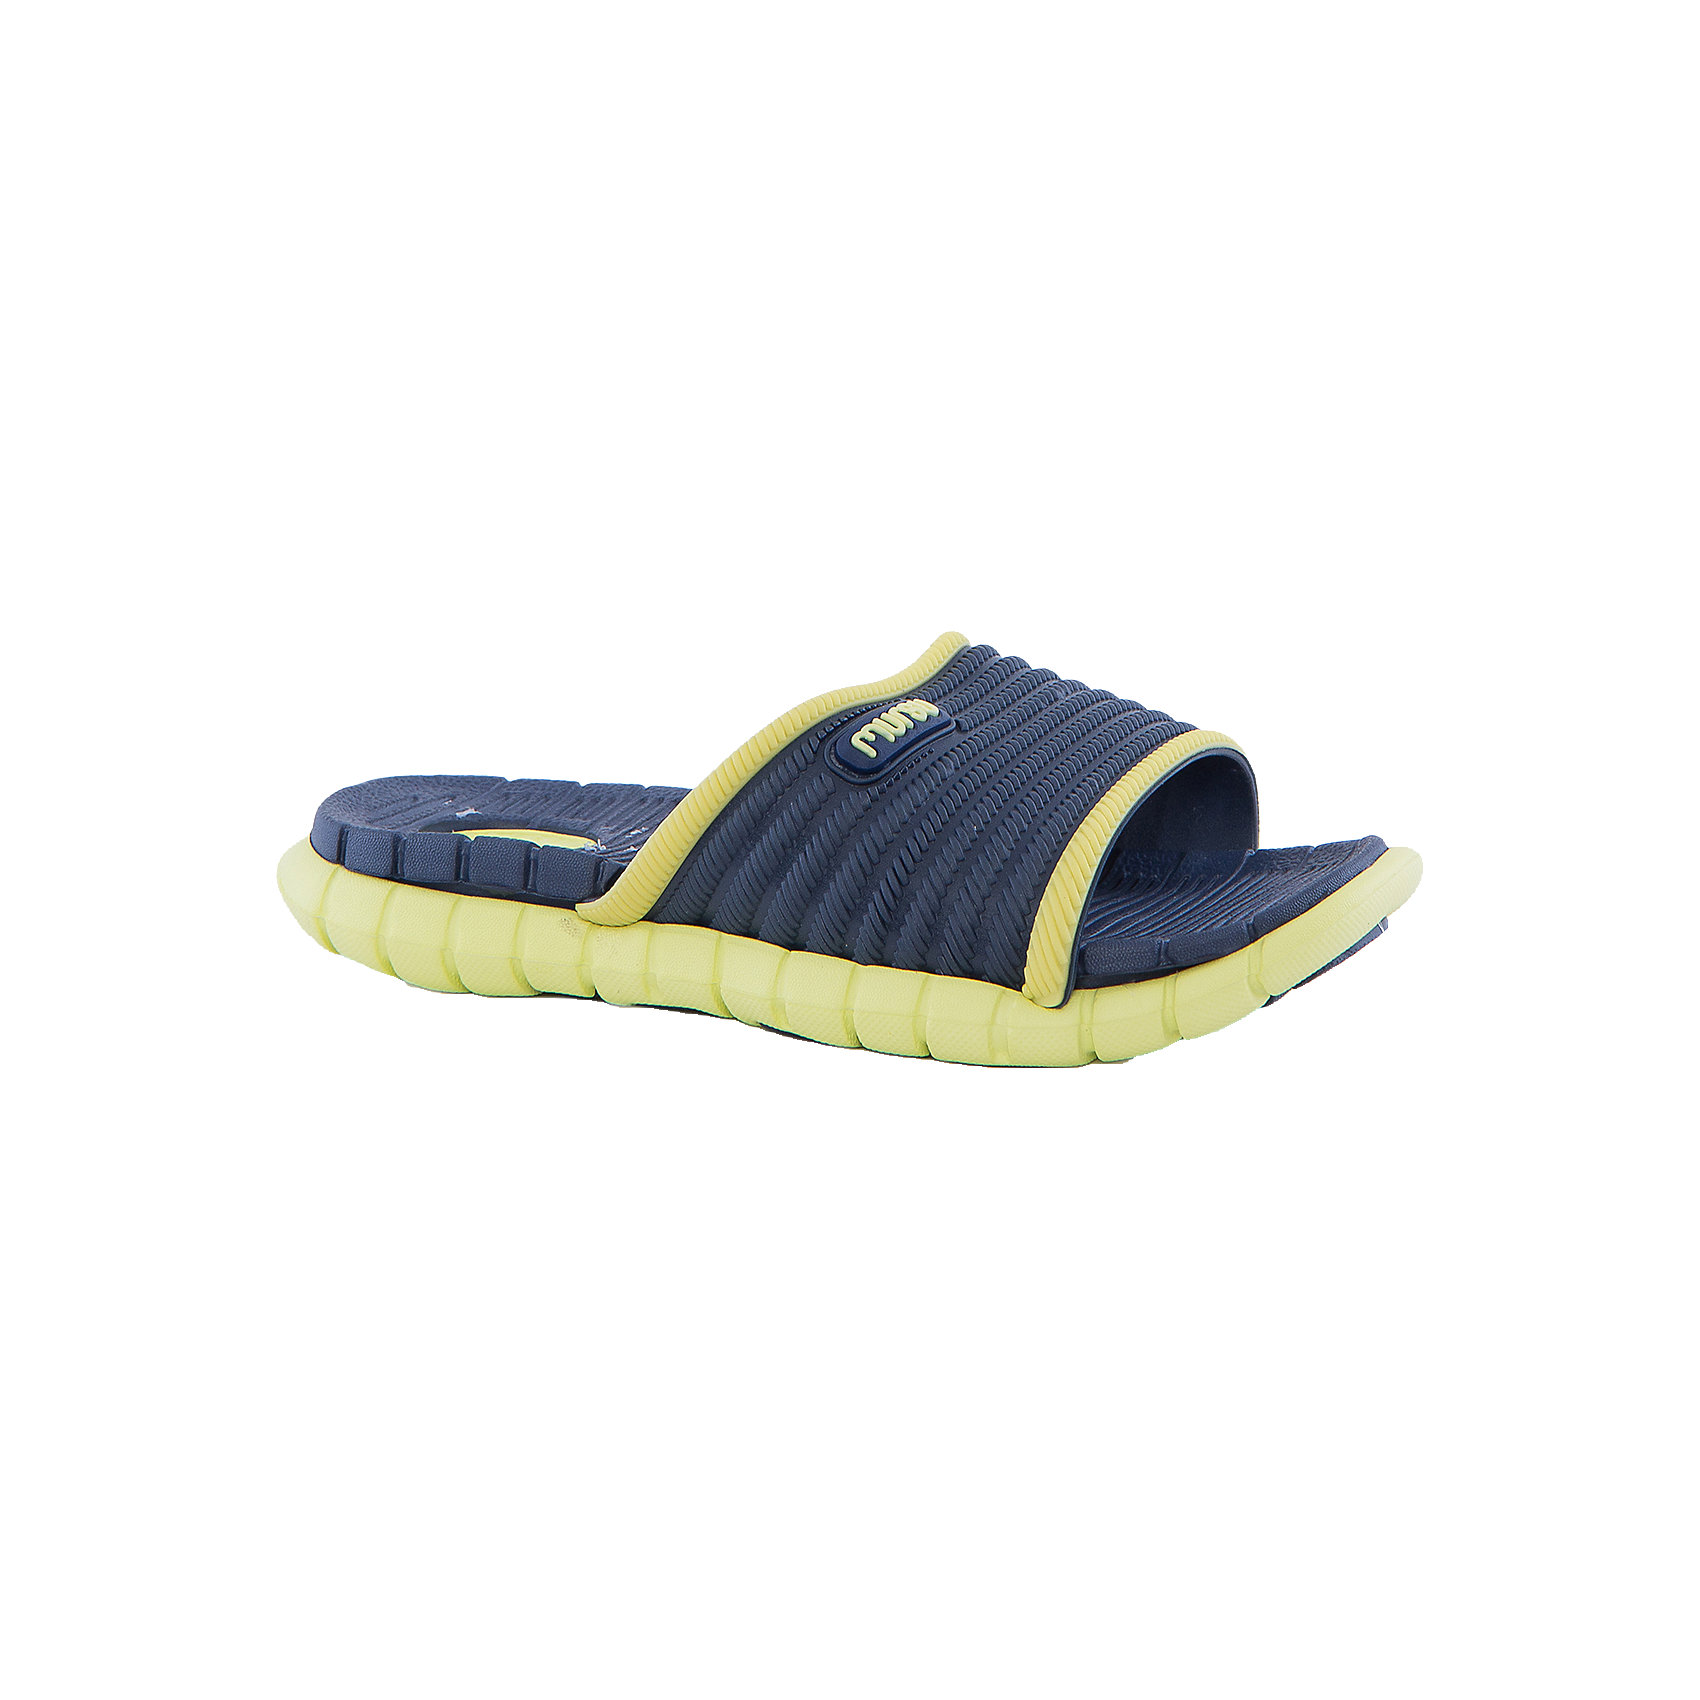 Шлепанцы  MURSUОбувь<br>Характеристики товара:<br><br>• цвет: черный<br>• материал верха: ПВХ, ЭВА<br>• нескользящая удобная подошва<br>• застежка: нет<br>• страна бренда: Финляндия<br>• страна изготовитель: Китай<br><br>Обувь для детей всегда должна быть подобрана особенно тщательно! Хорошая обувь, особенно повседневная, должна обеспечивать правильное положение ноги и быть прочной. Такие сабо от известного финского бренда обеспечат ребенку необходимый уровень комфорта. Обувь легкая, она без труда надевается и снимается, отлично сидит на ноге. <br>Продукция от бренда MURSU - это качественные товары, созданные с применением новейших технологий. При производстве используются только проверенные сертифицированные материалы. Обувь отличается модным дизайном и продуманной конструкцией. Изделие производится из качественных и проверенных материалов, которые безопасны для детей.<br><br>Сабо для девочки от бренда MURSU (Мурсу) можно купить в нашем интернет-магазине.<br><br>Ширина мм: 225<br>Глубина мм: 139<br>Высота мм: 112<br>Вес г: 290<br>Цвет: черный<br>Возраст от месяцев: 84<br>Возраст до месяцев: 96<br>Пол: Унисекс<br>Возраст: Детский<br>Размер: 31,35,30,32,33,34<br>SKU: 4959006